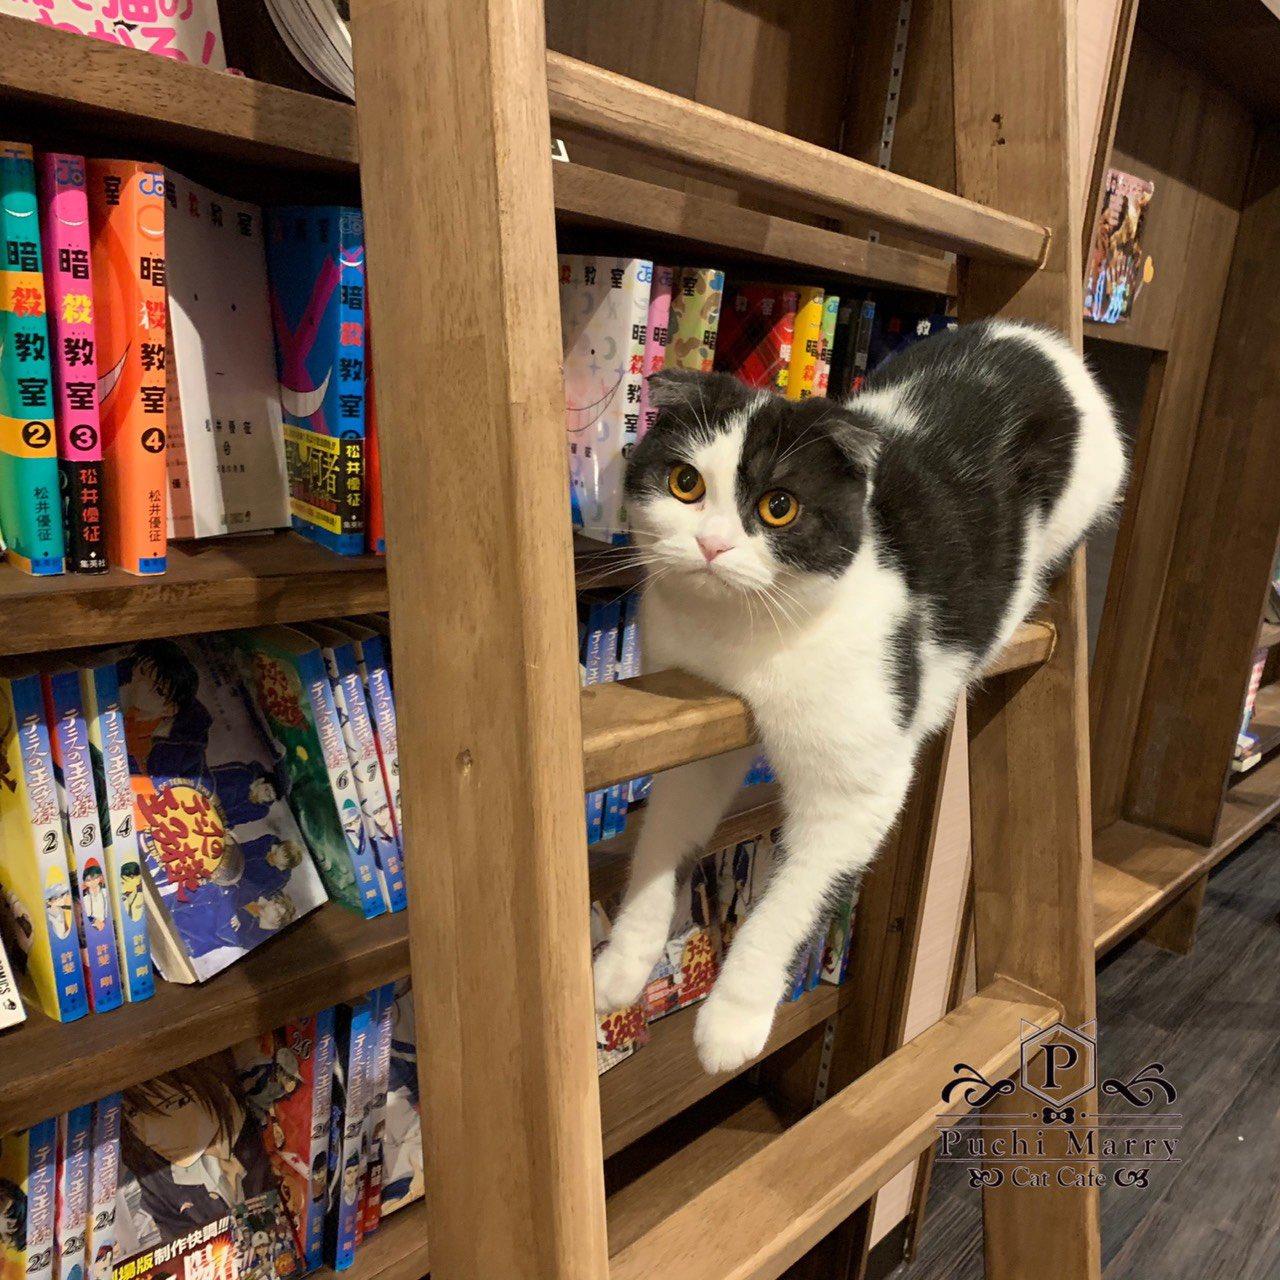 PuchiMarry 京都河原町店の猫